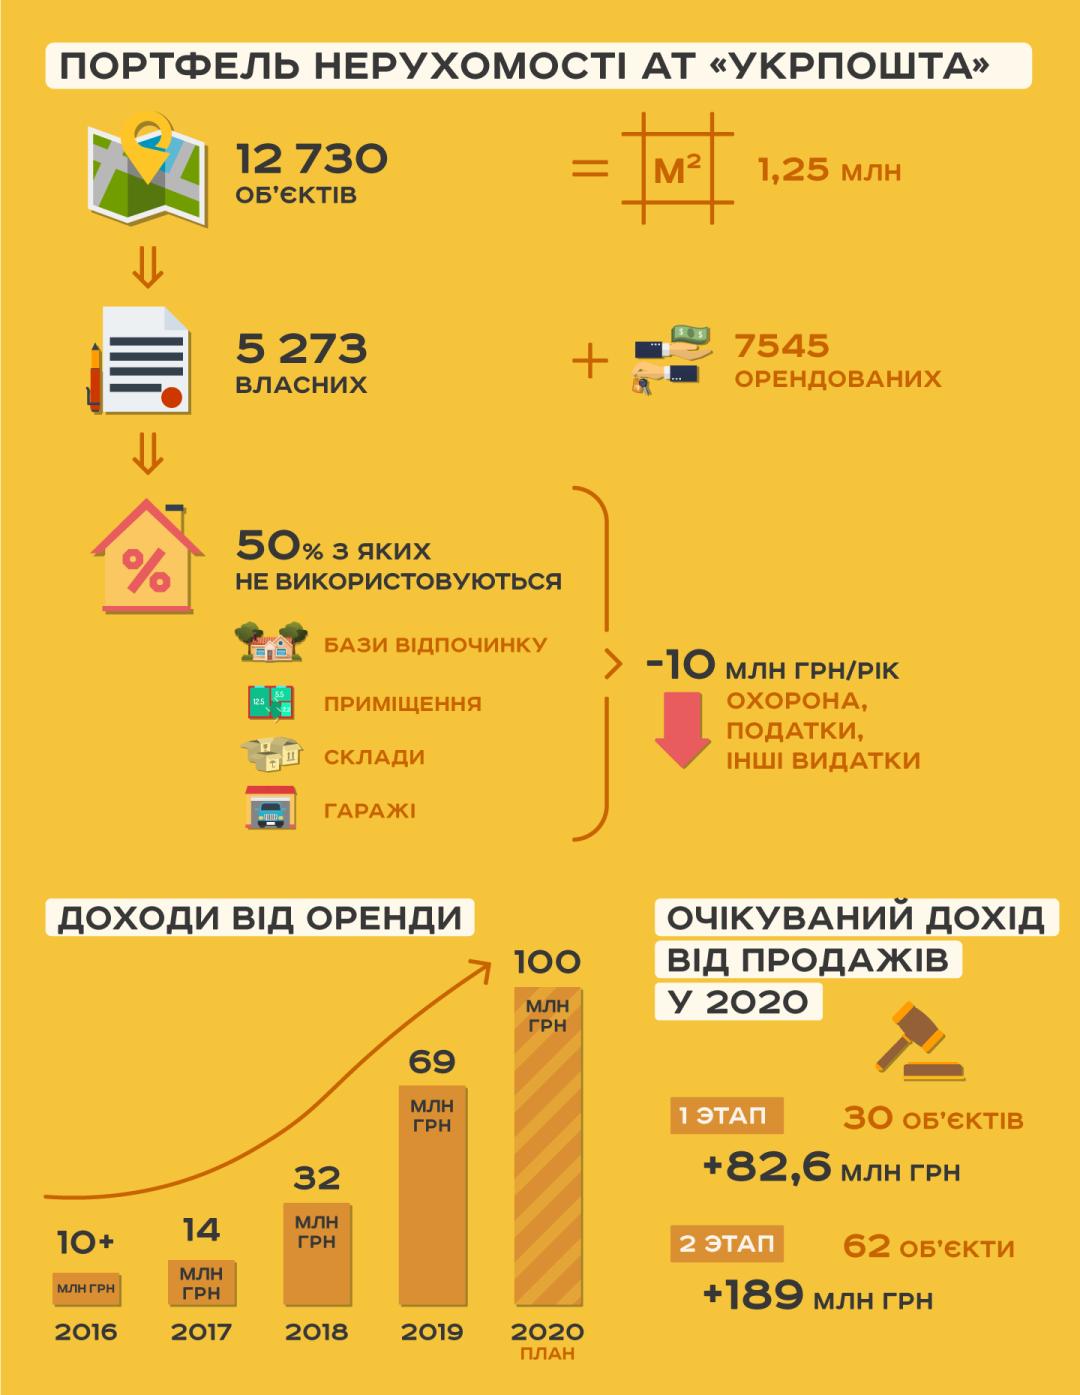 1589442606 774 - ProZorro.Продажі. Укрпошта продає бази відпочинку на Азовському морі та у «Конча-Заспі» Укрпошта продає бази відпочинку на Азовському морі та у «Конча-Заспі» (Укрінформ)